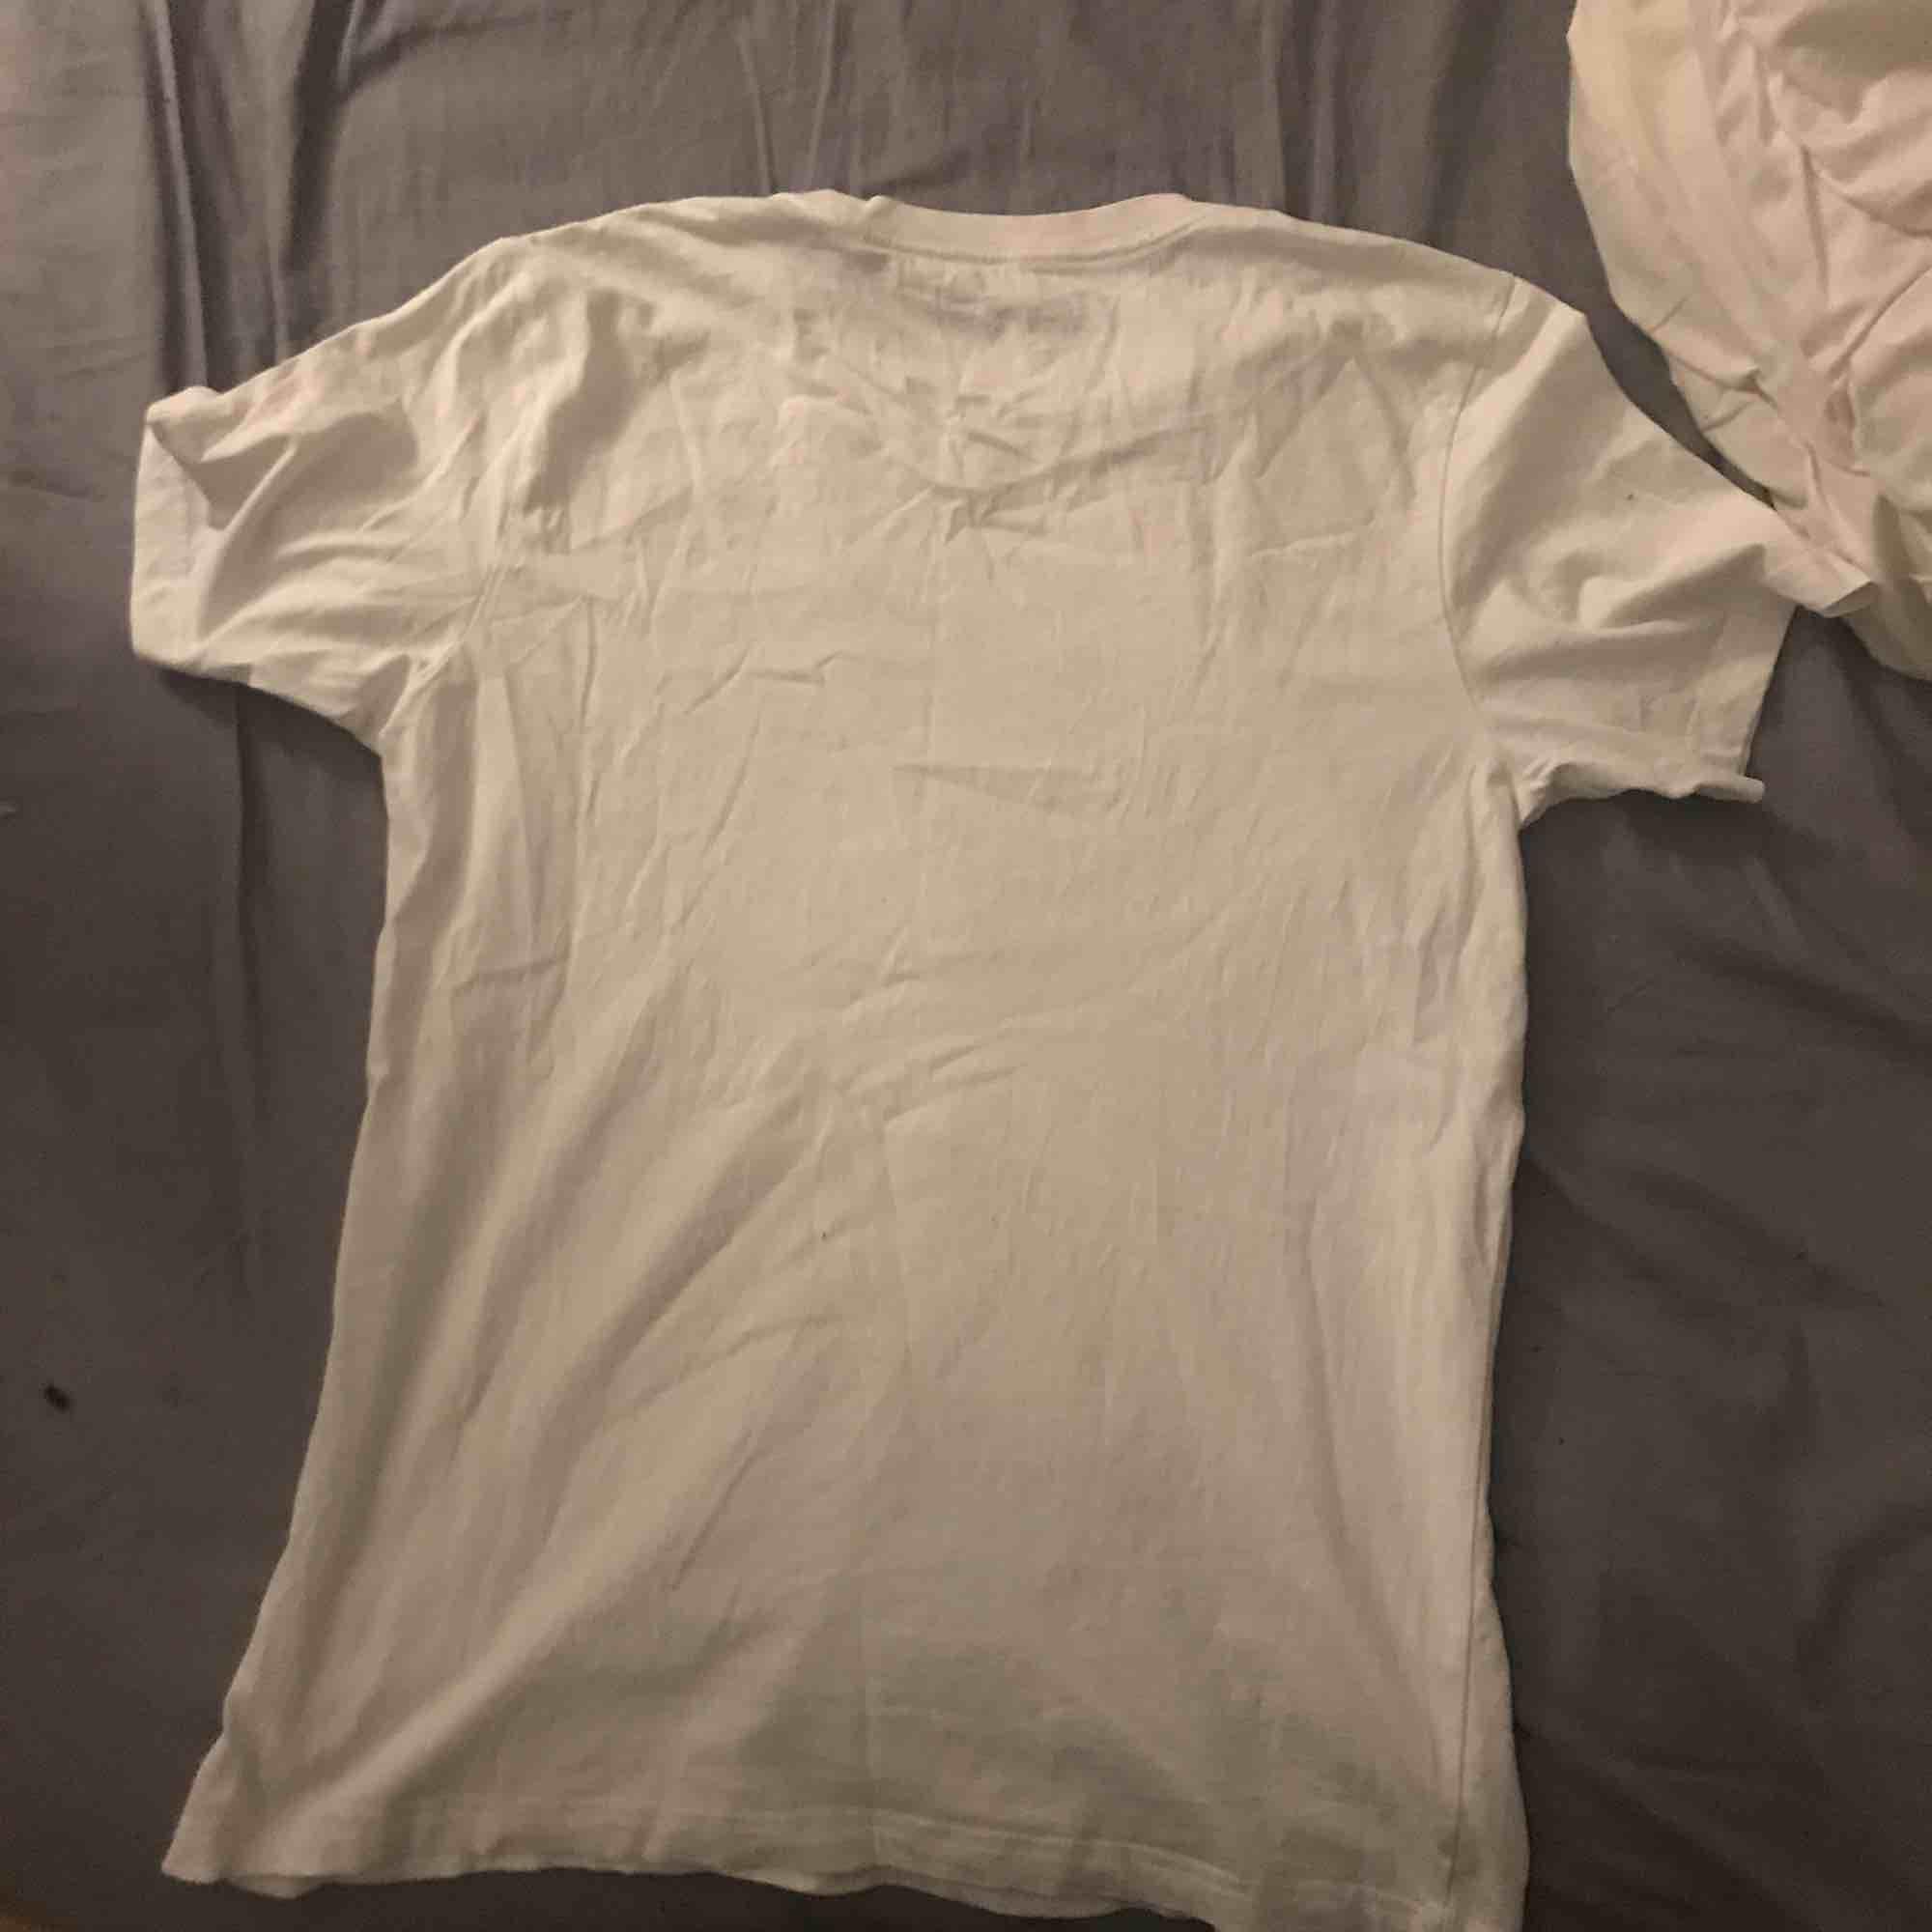 Adidas t-shirt aldrig använd bara legat i garderoben. Storlek M, säljer för 50kr. Möts upp i sthlm!. T-shirts.